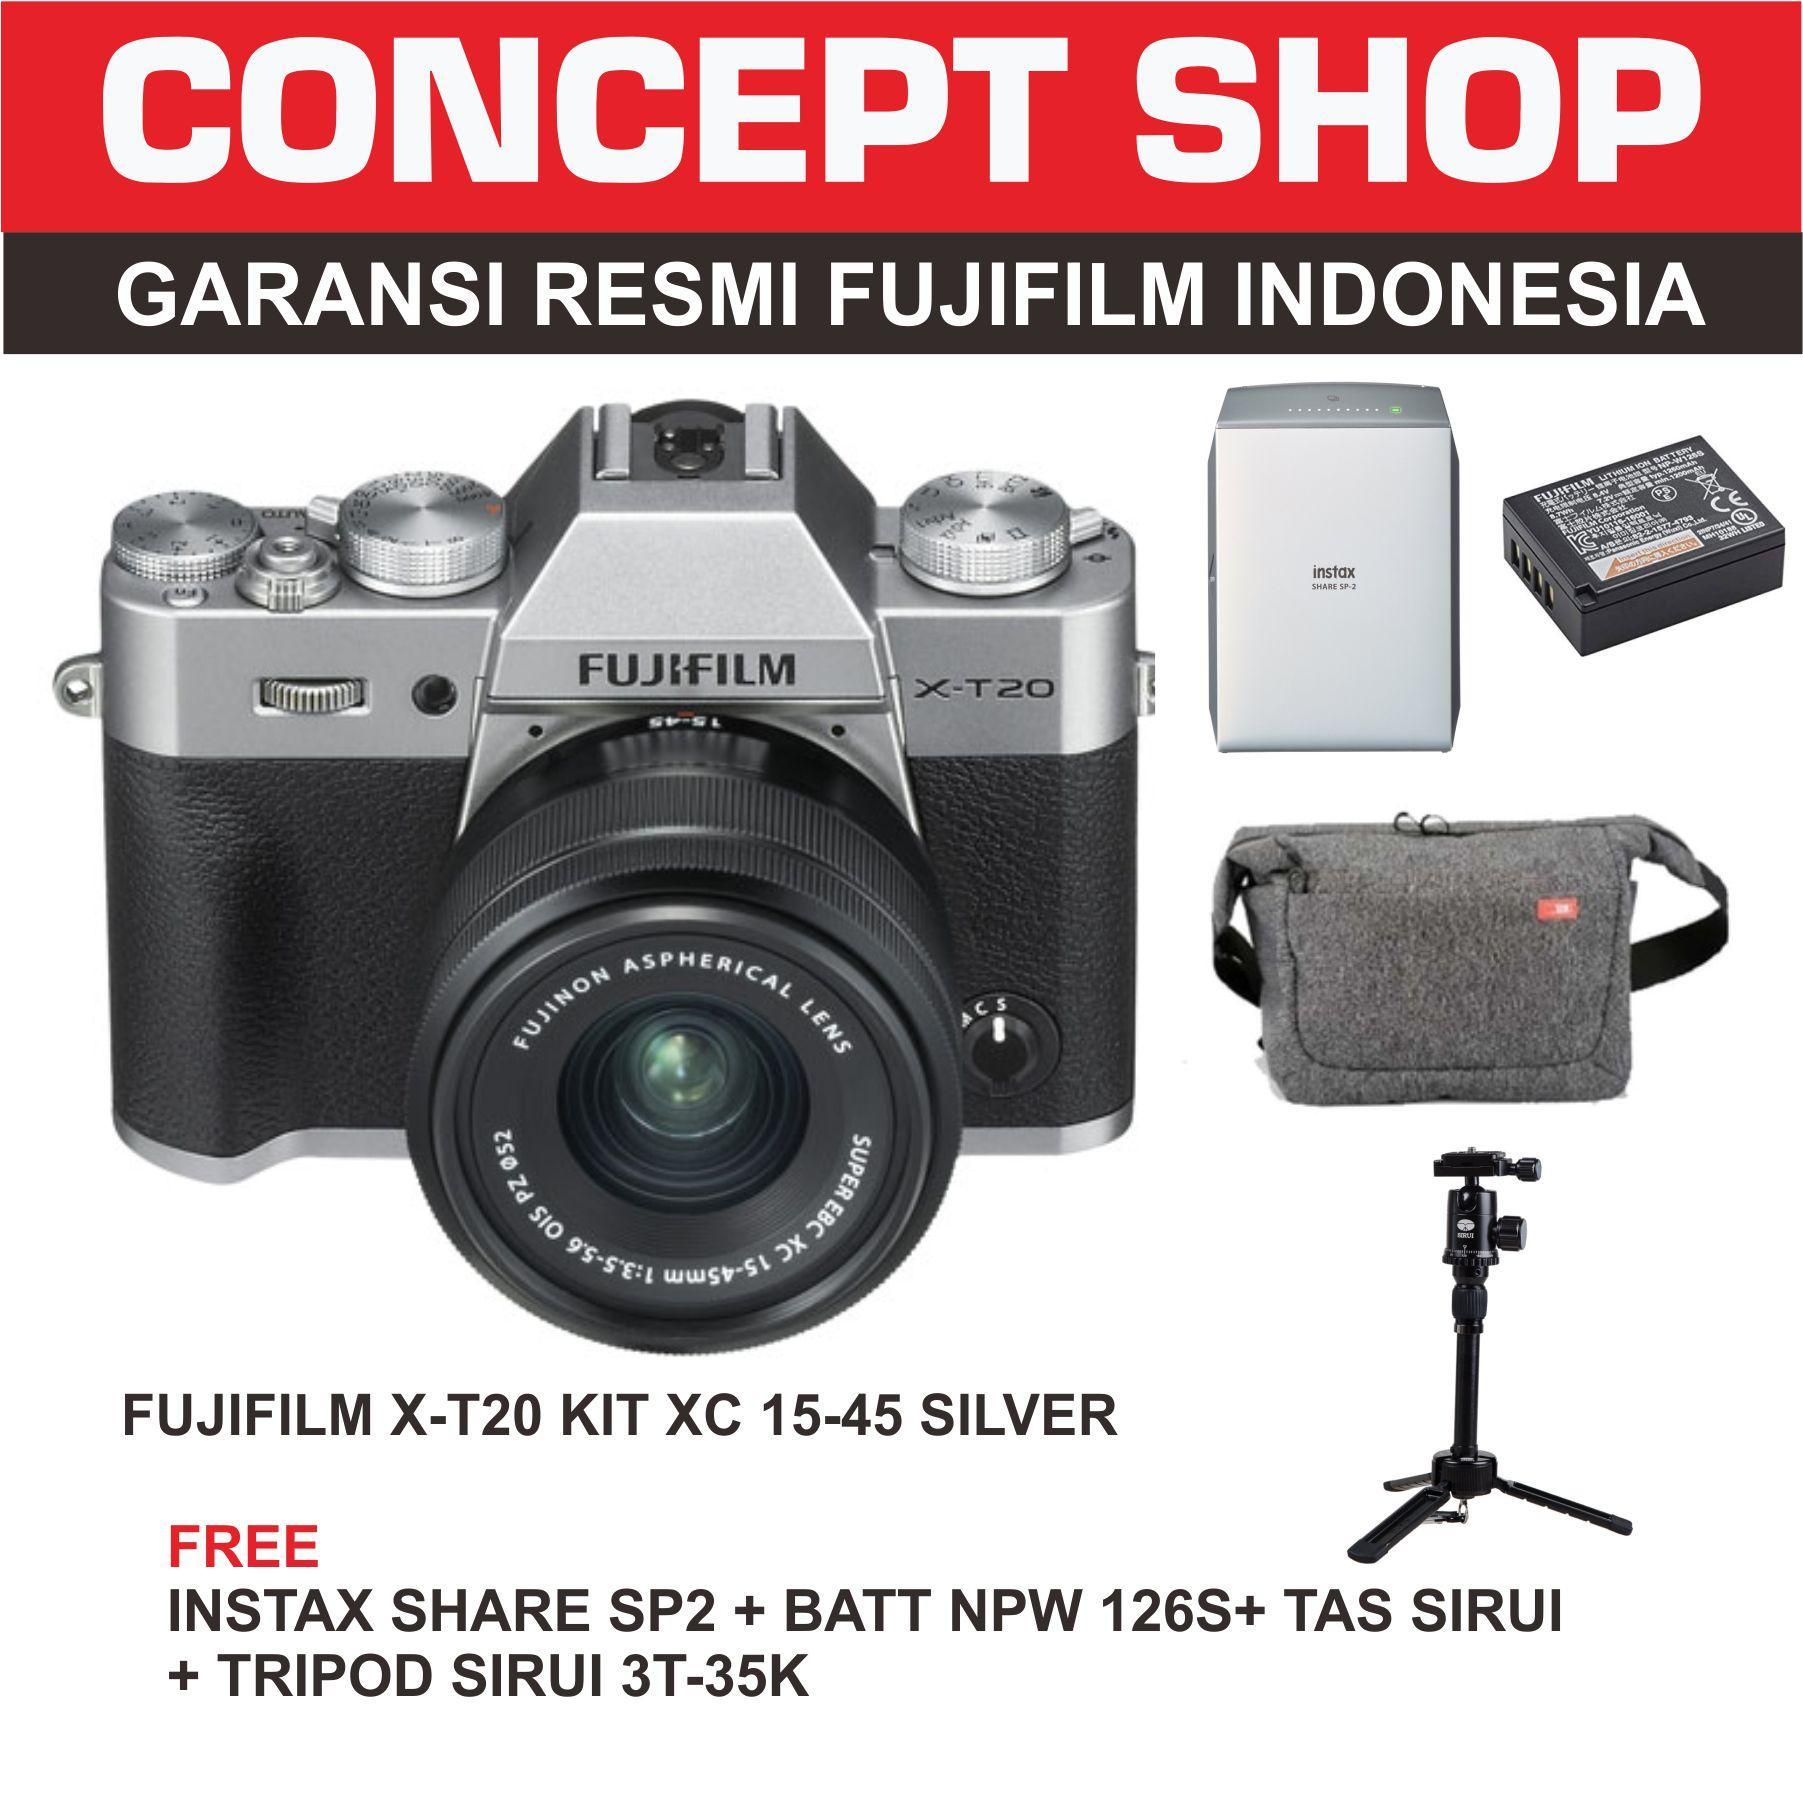 Fujifilm Xt 20 Mirrorless Camera With Kit Xc 18 55mm Hitam Instax X T100 Xc15 45mm F35 56 Ois Pzdark Silver Pwp Xf50 F2 T20 15 Xt20